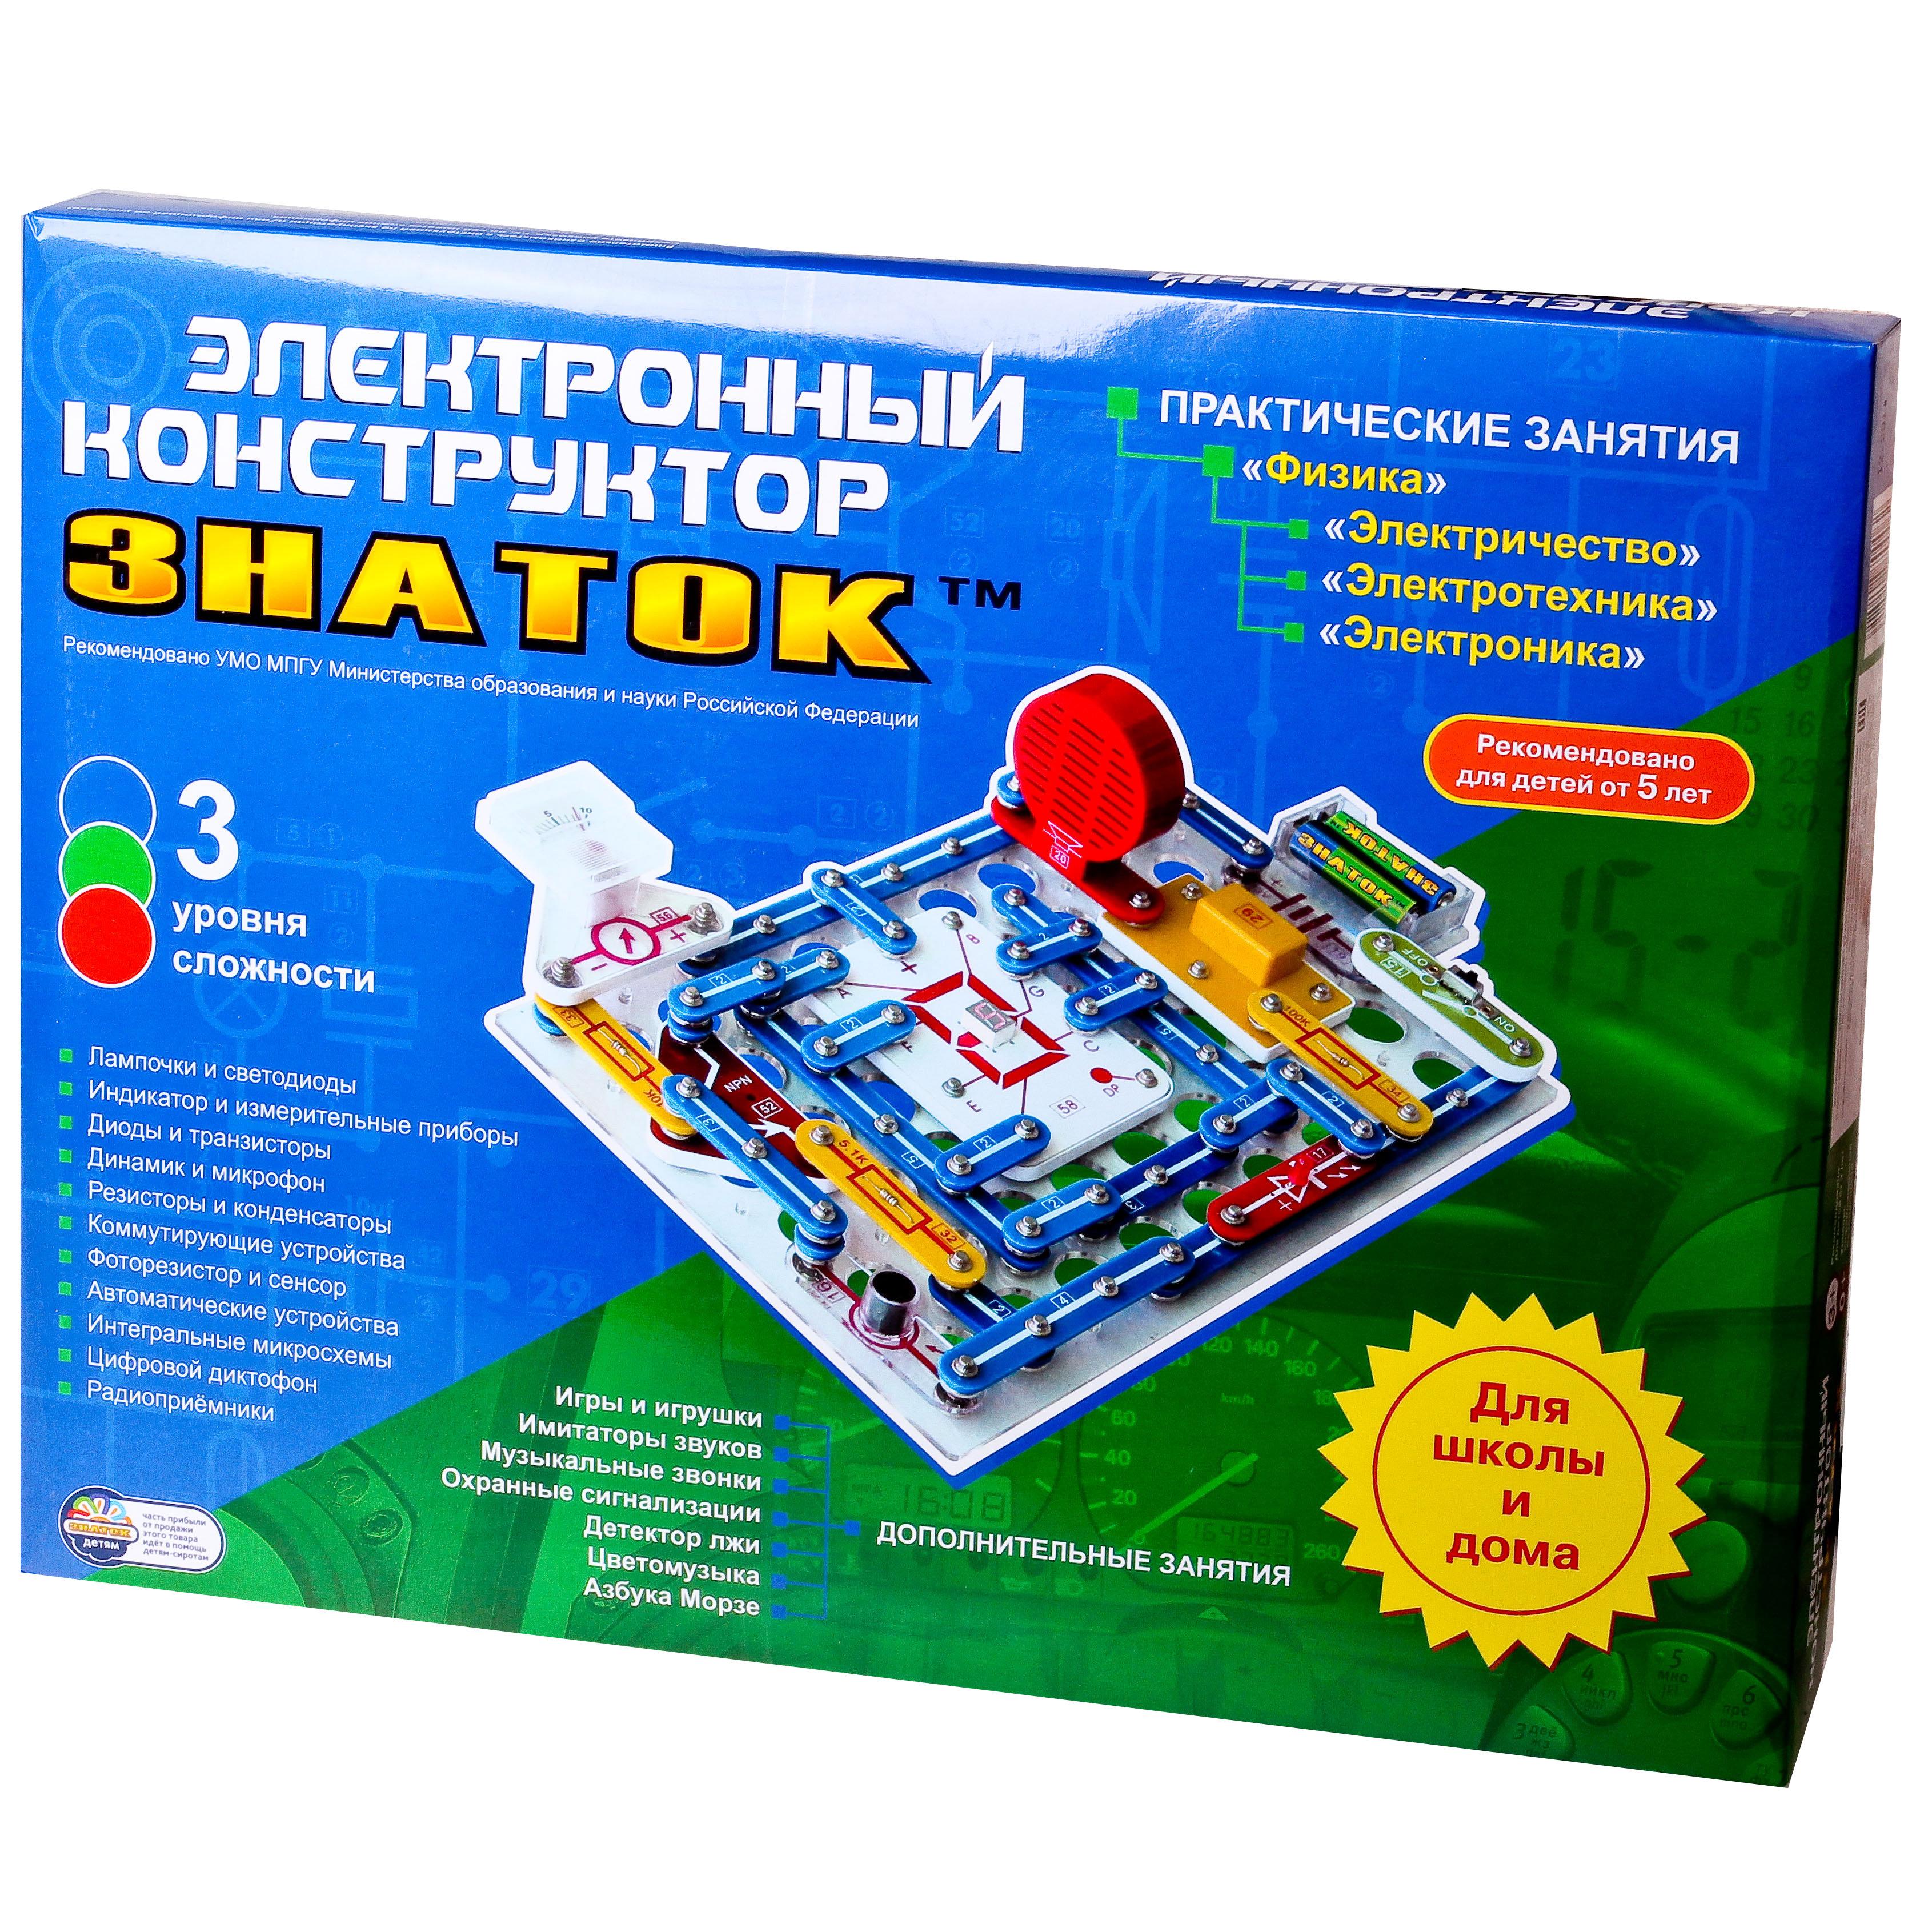 Электронные конструкторы знаток 999 схем